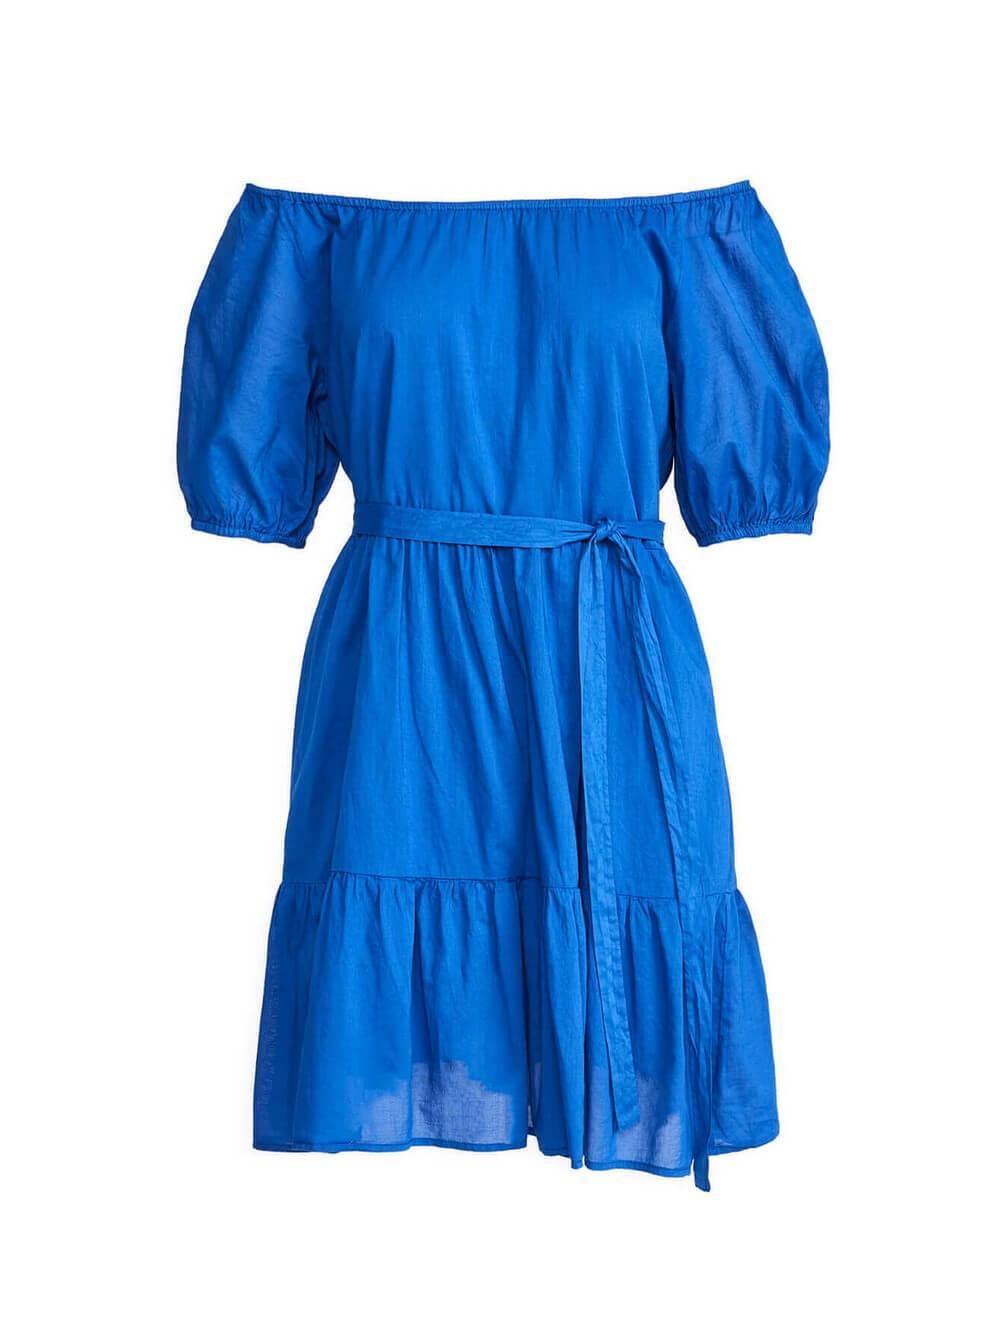 Renelle Off Shoulder Tiered Dress Item # RENELLE04